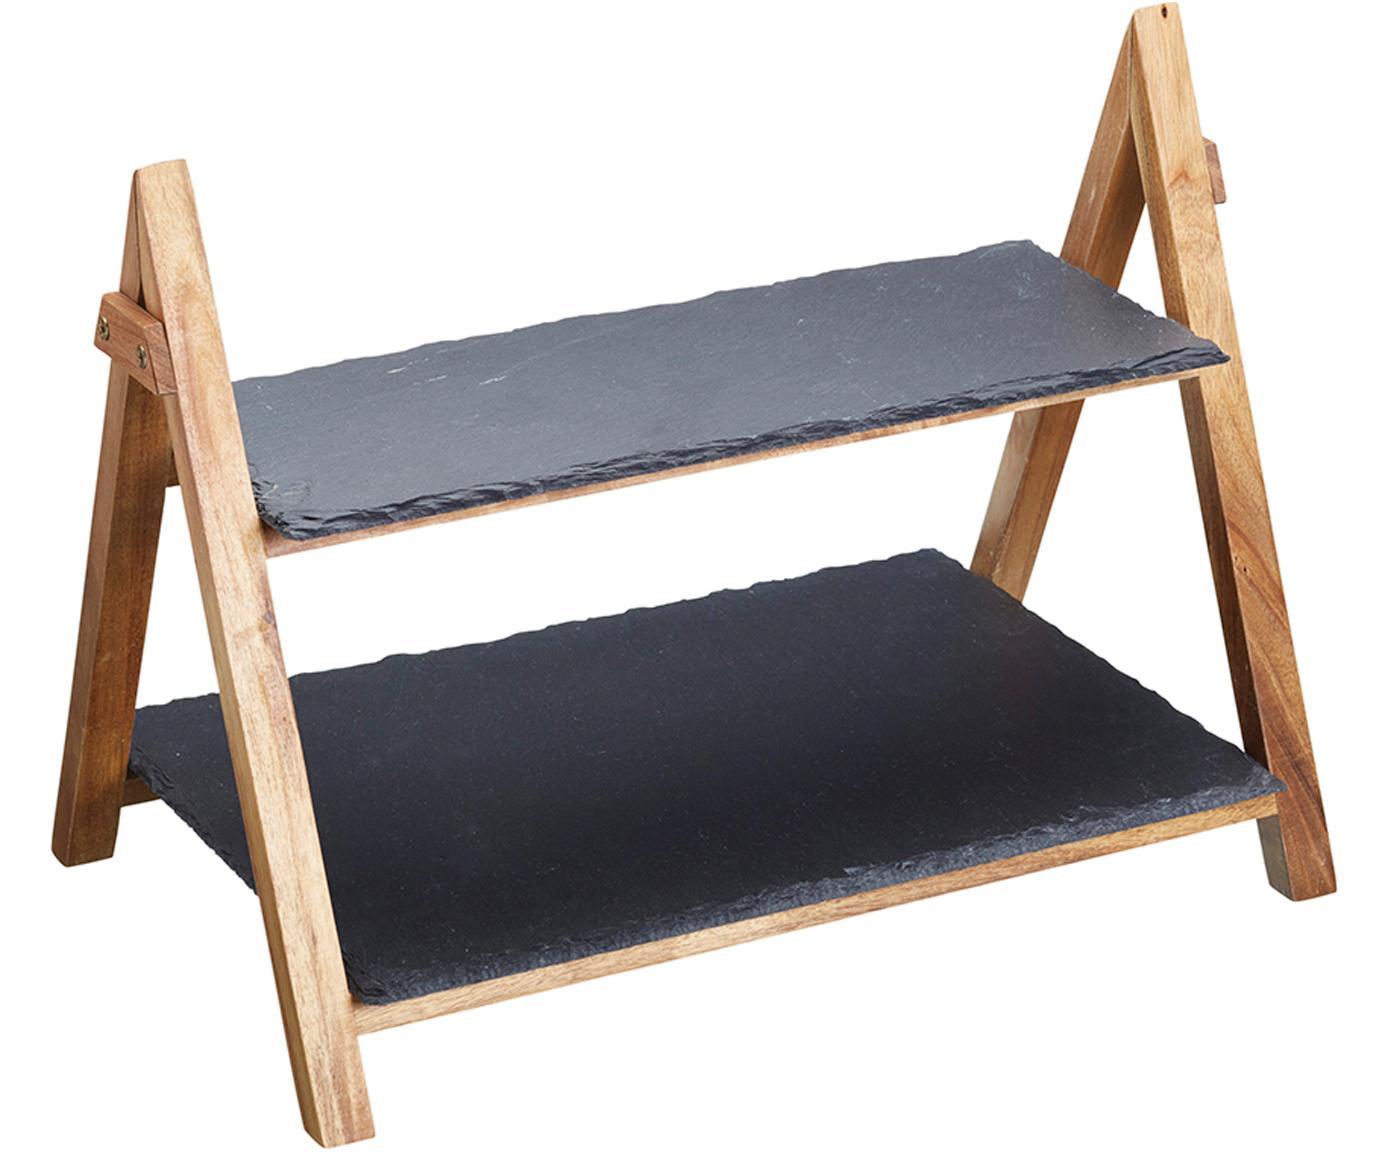 Alzata Dark, Struttura: legno, Ripiani: ardesia, Antracite, legno, Larg. 40 x Alt. 34 cm